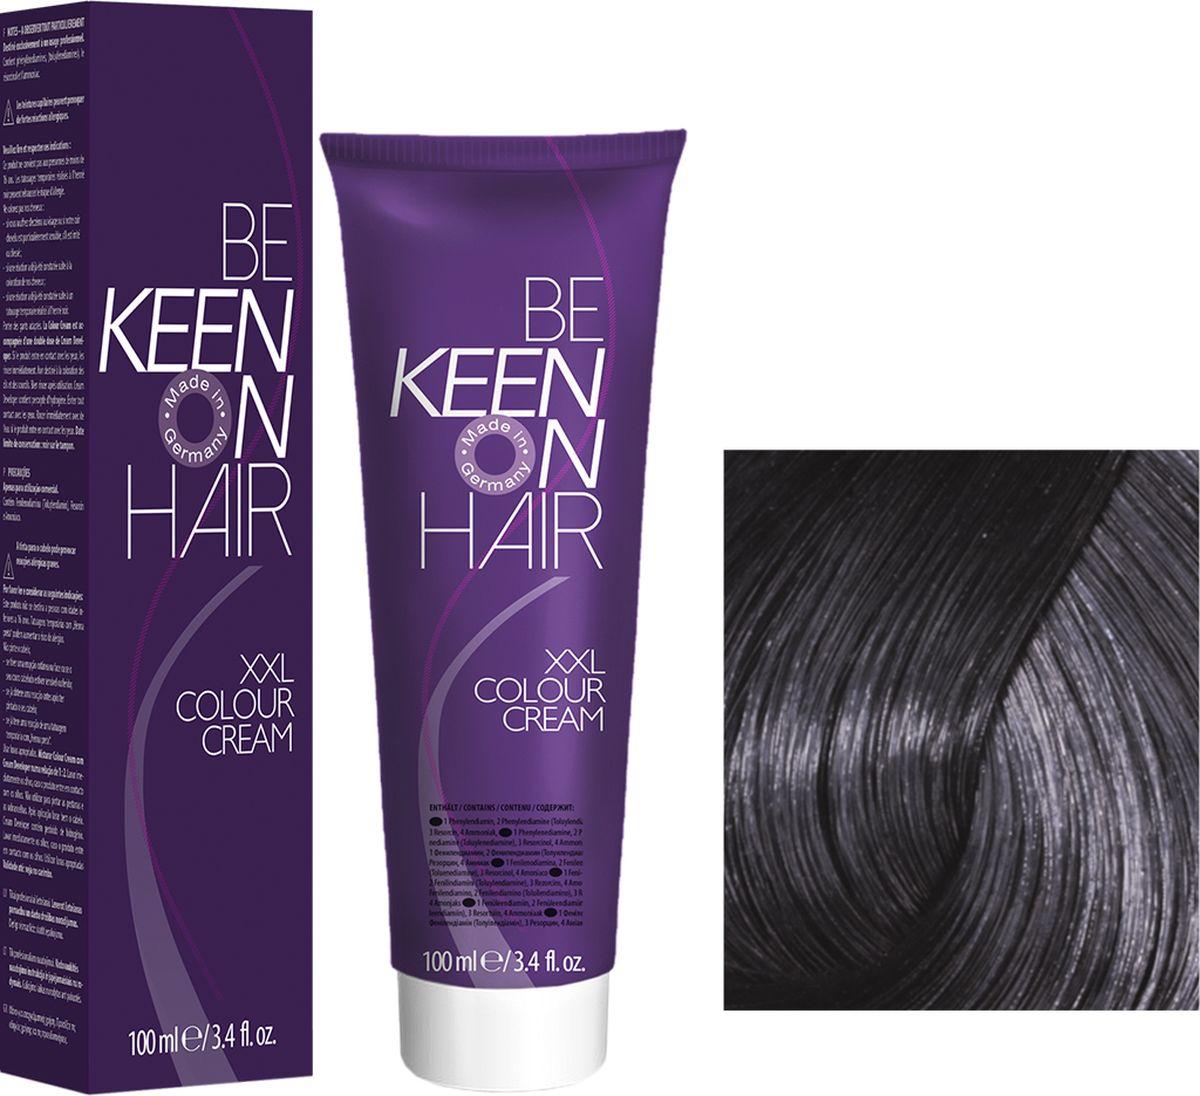 Keen Краска для волос 0.1 Пепельный Mixton Asch, 100 мл69100001МИКСТОНА используют для:Усиления интенсивности соответствующих цветовых нюансовКорректировки цветаИзменения направления цвета